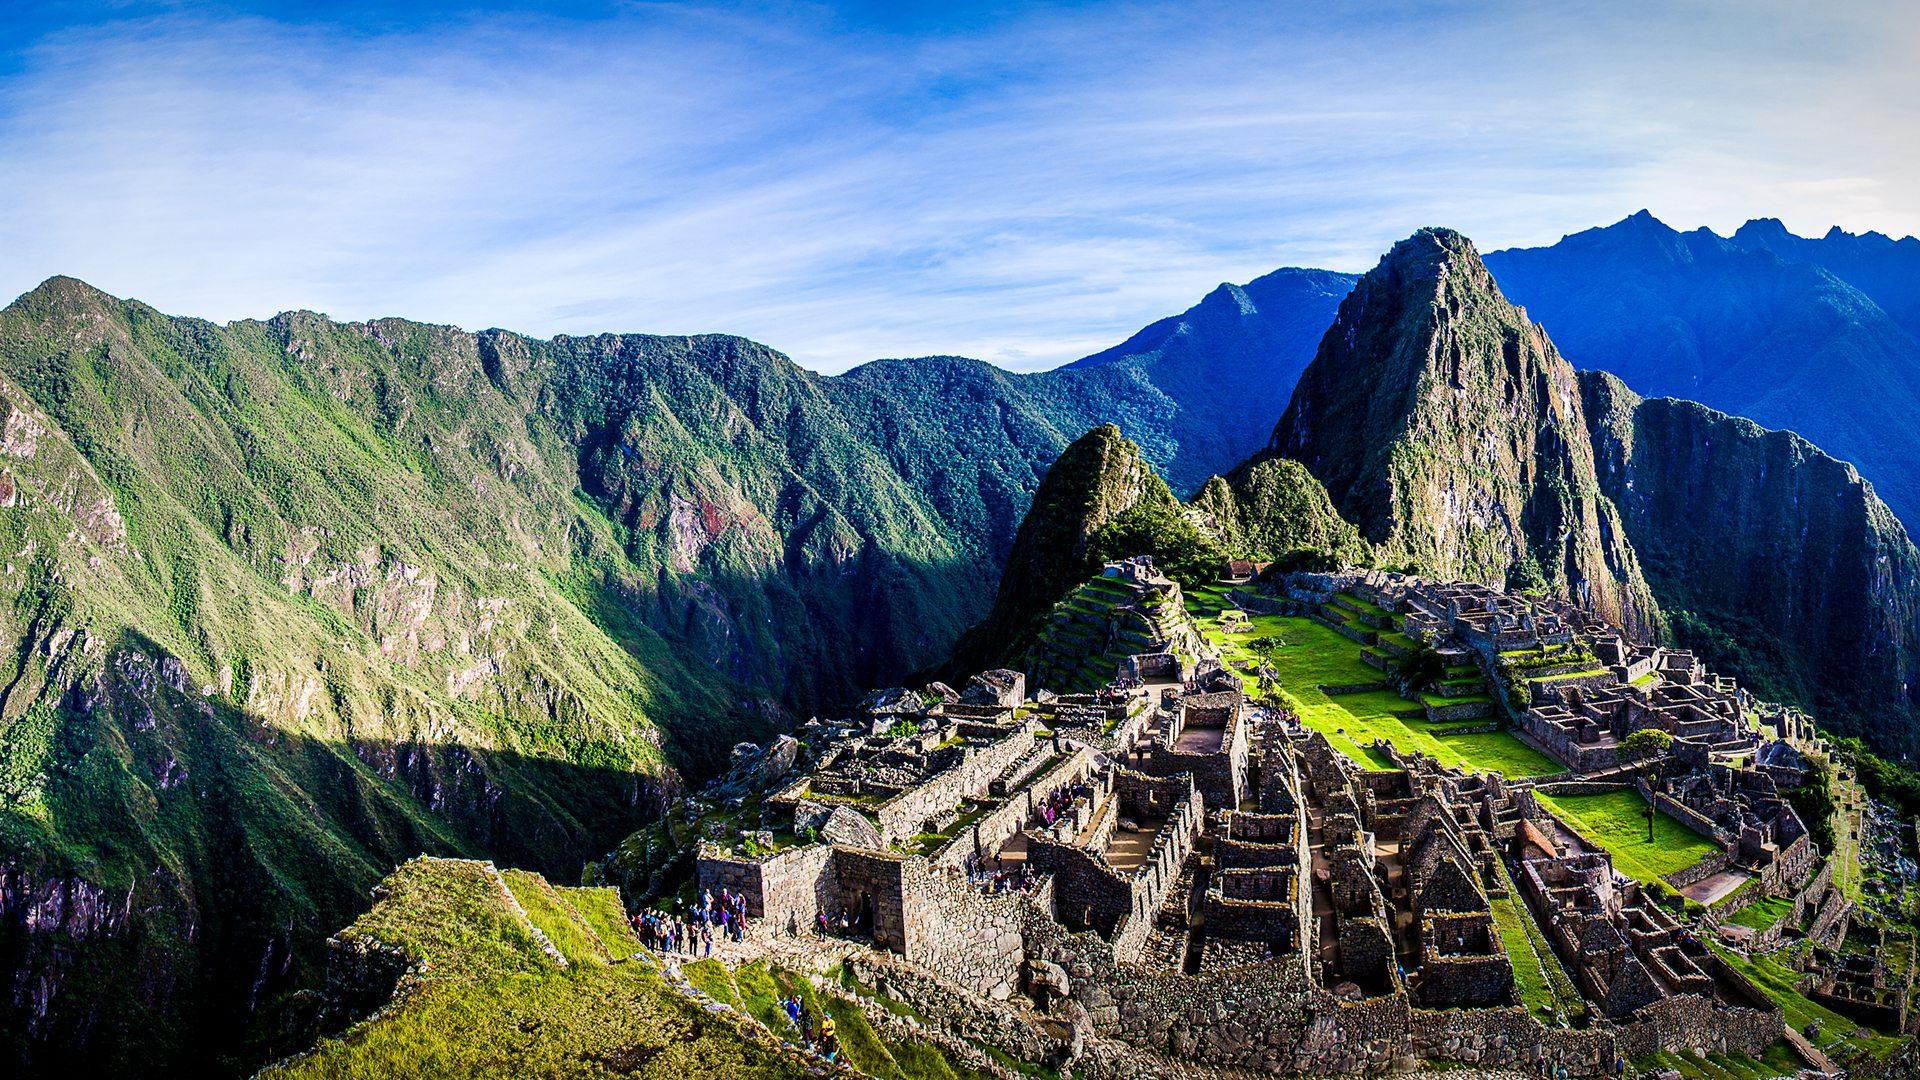 Očkování před cestou do Mexika a Peru - zdravotní rizika, povinná a doporučená očkování